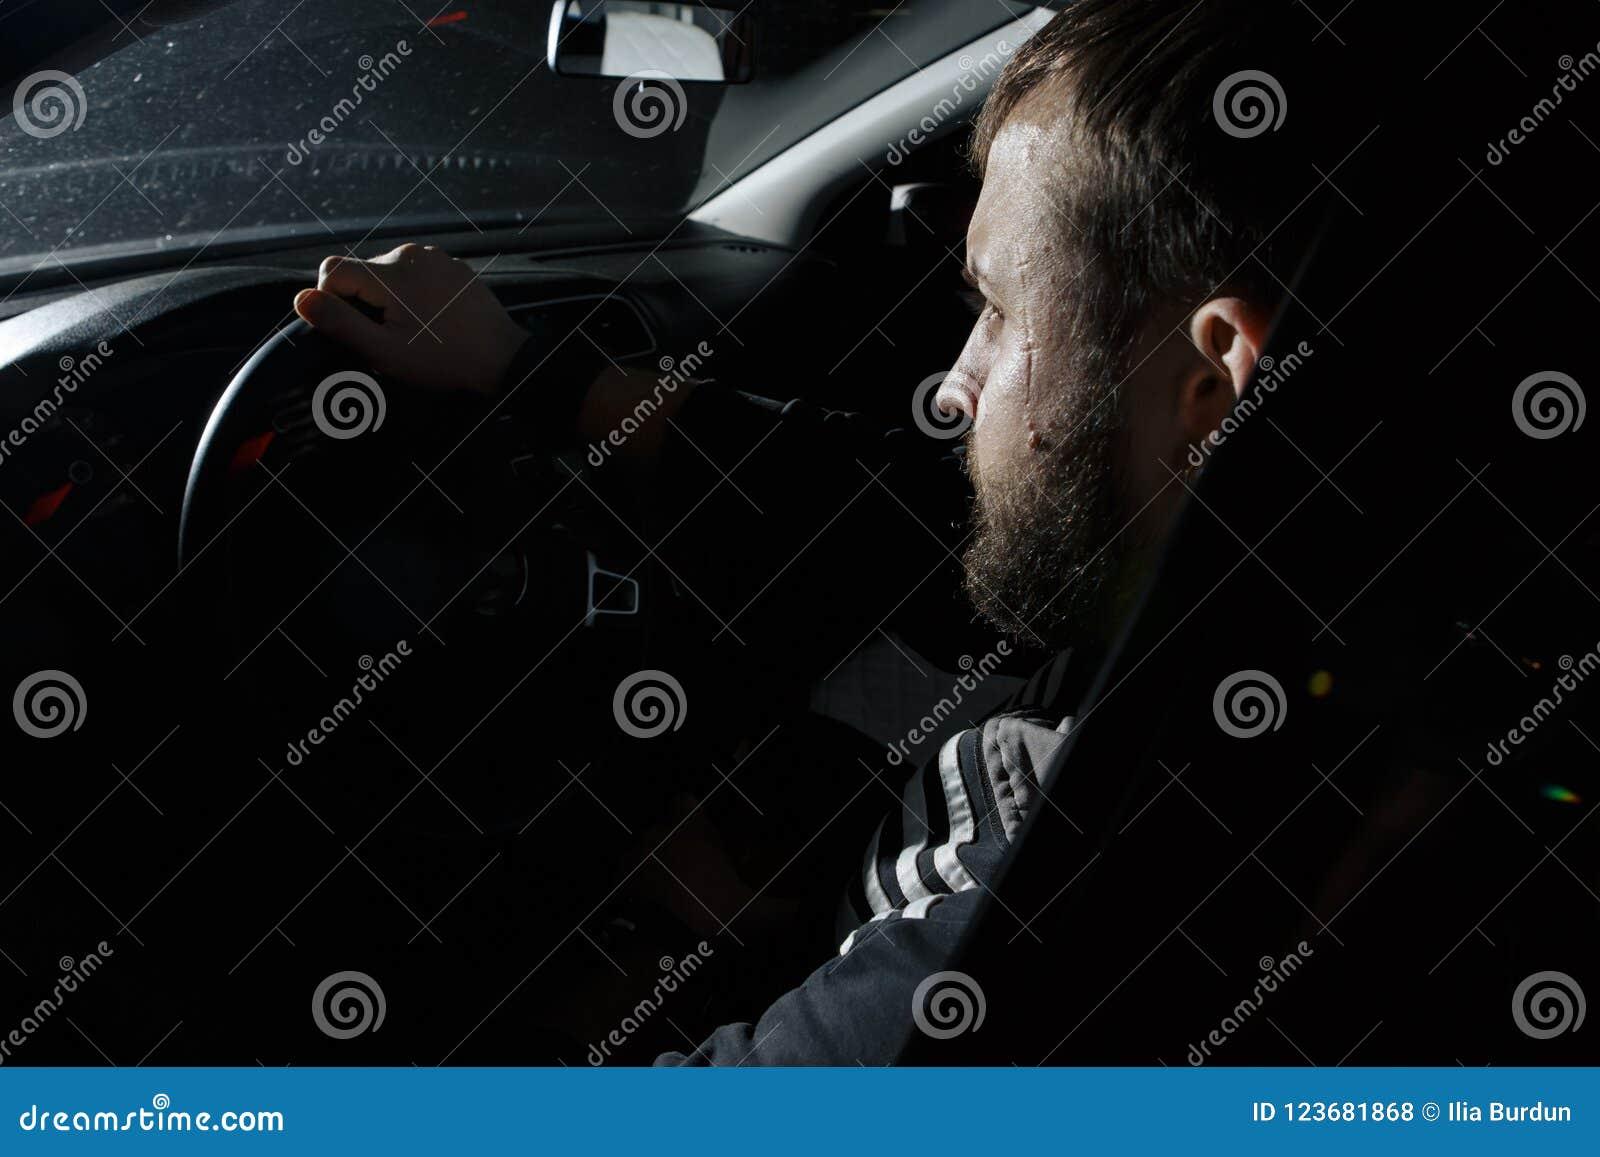 Condições de mau tempo na estrada